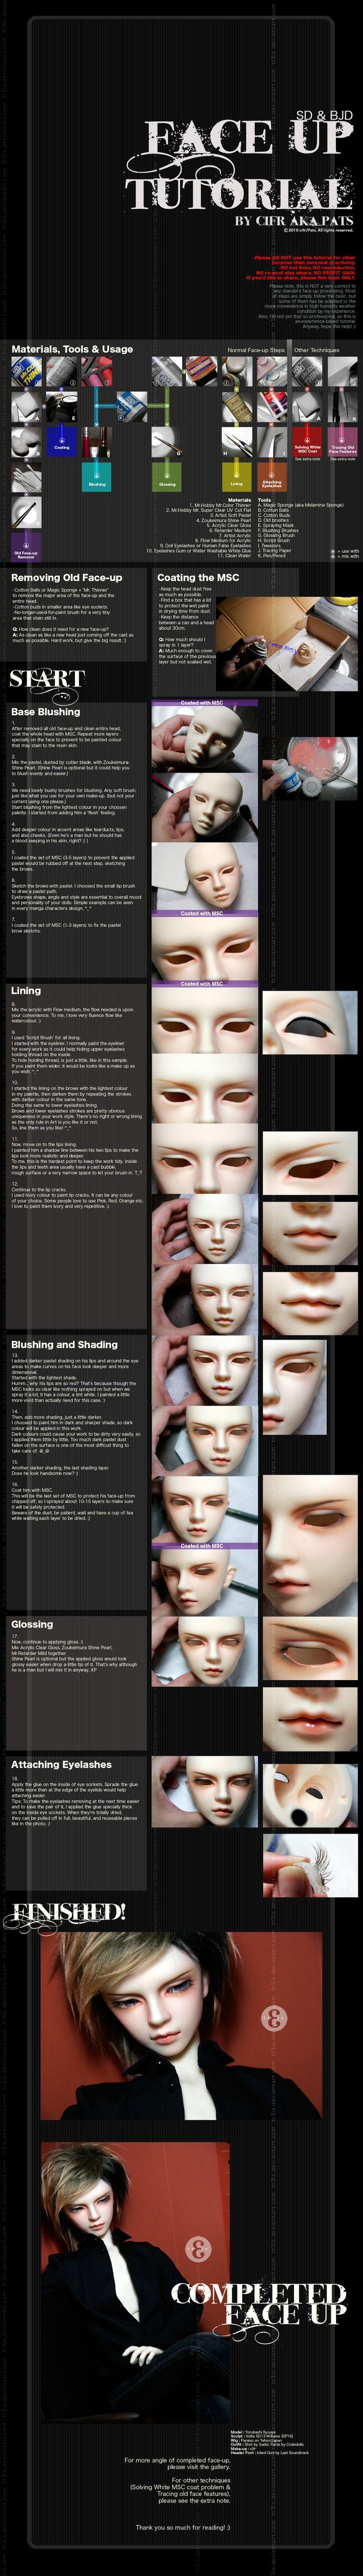 Face-up : TUTORIAL by tr3is.deviantart.com on @deviantART